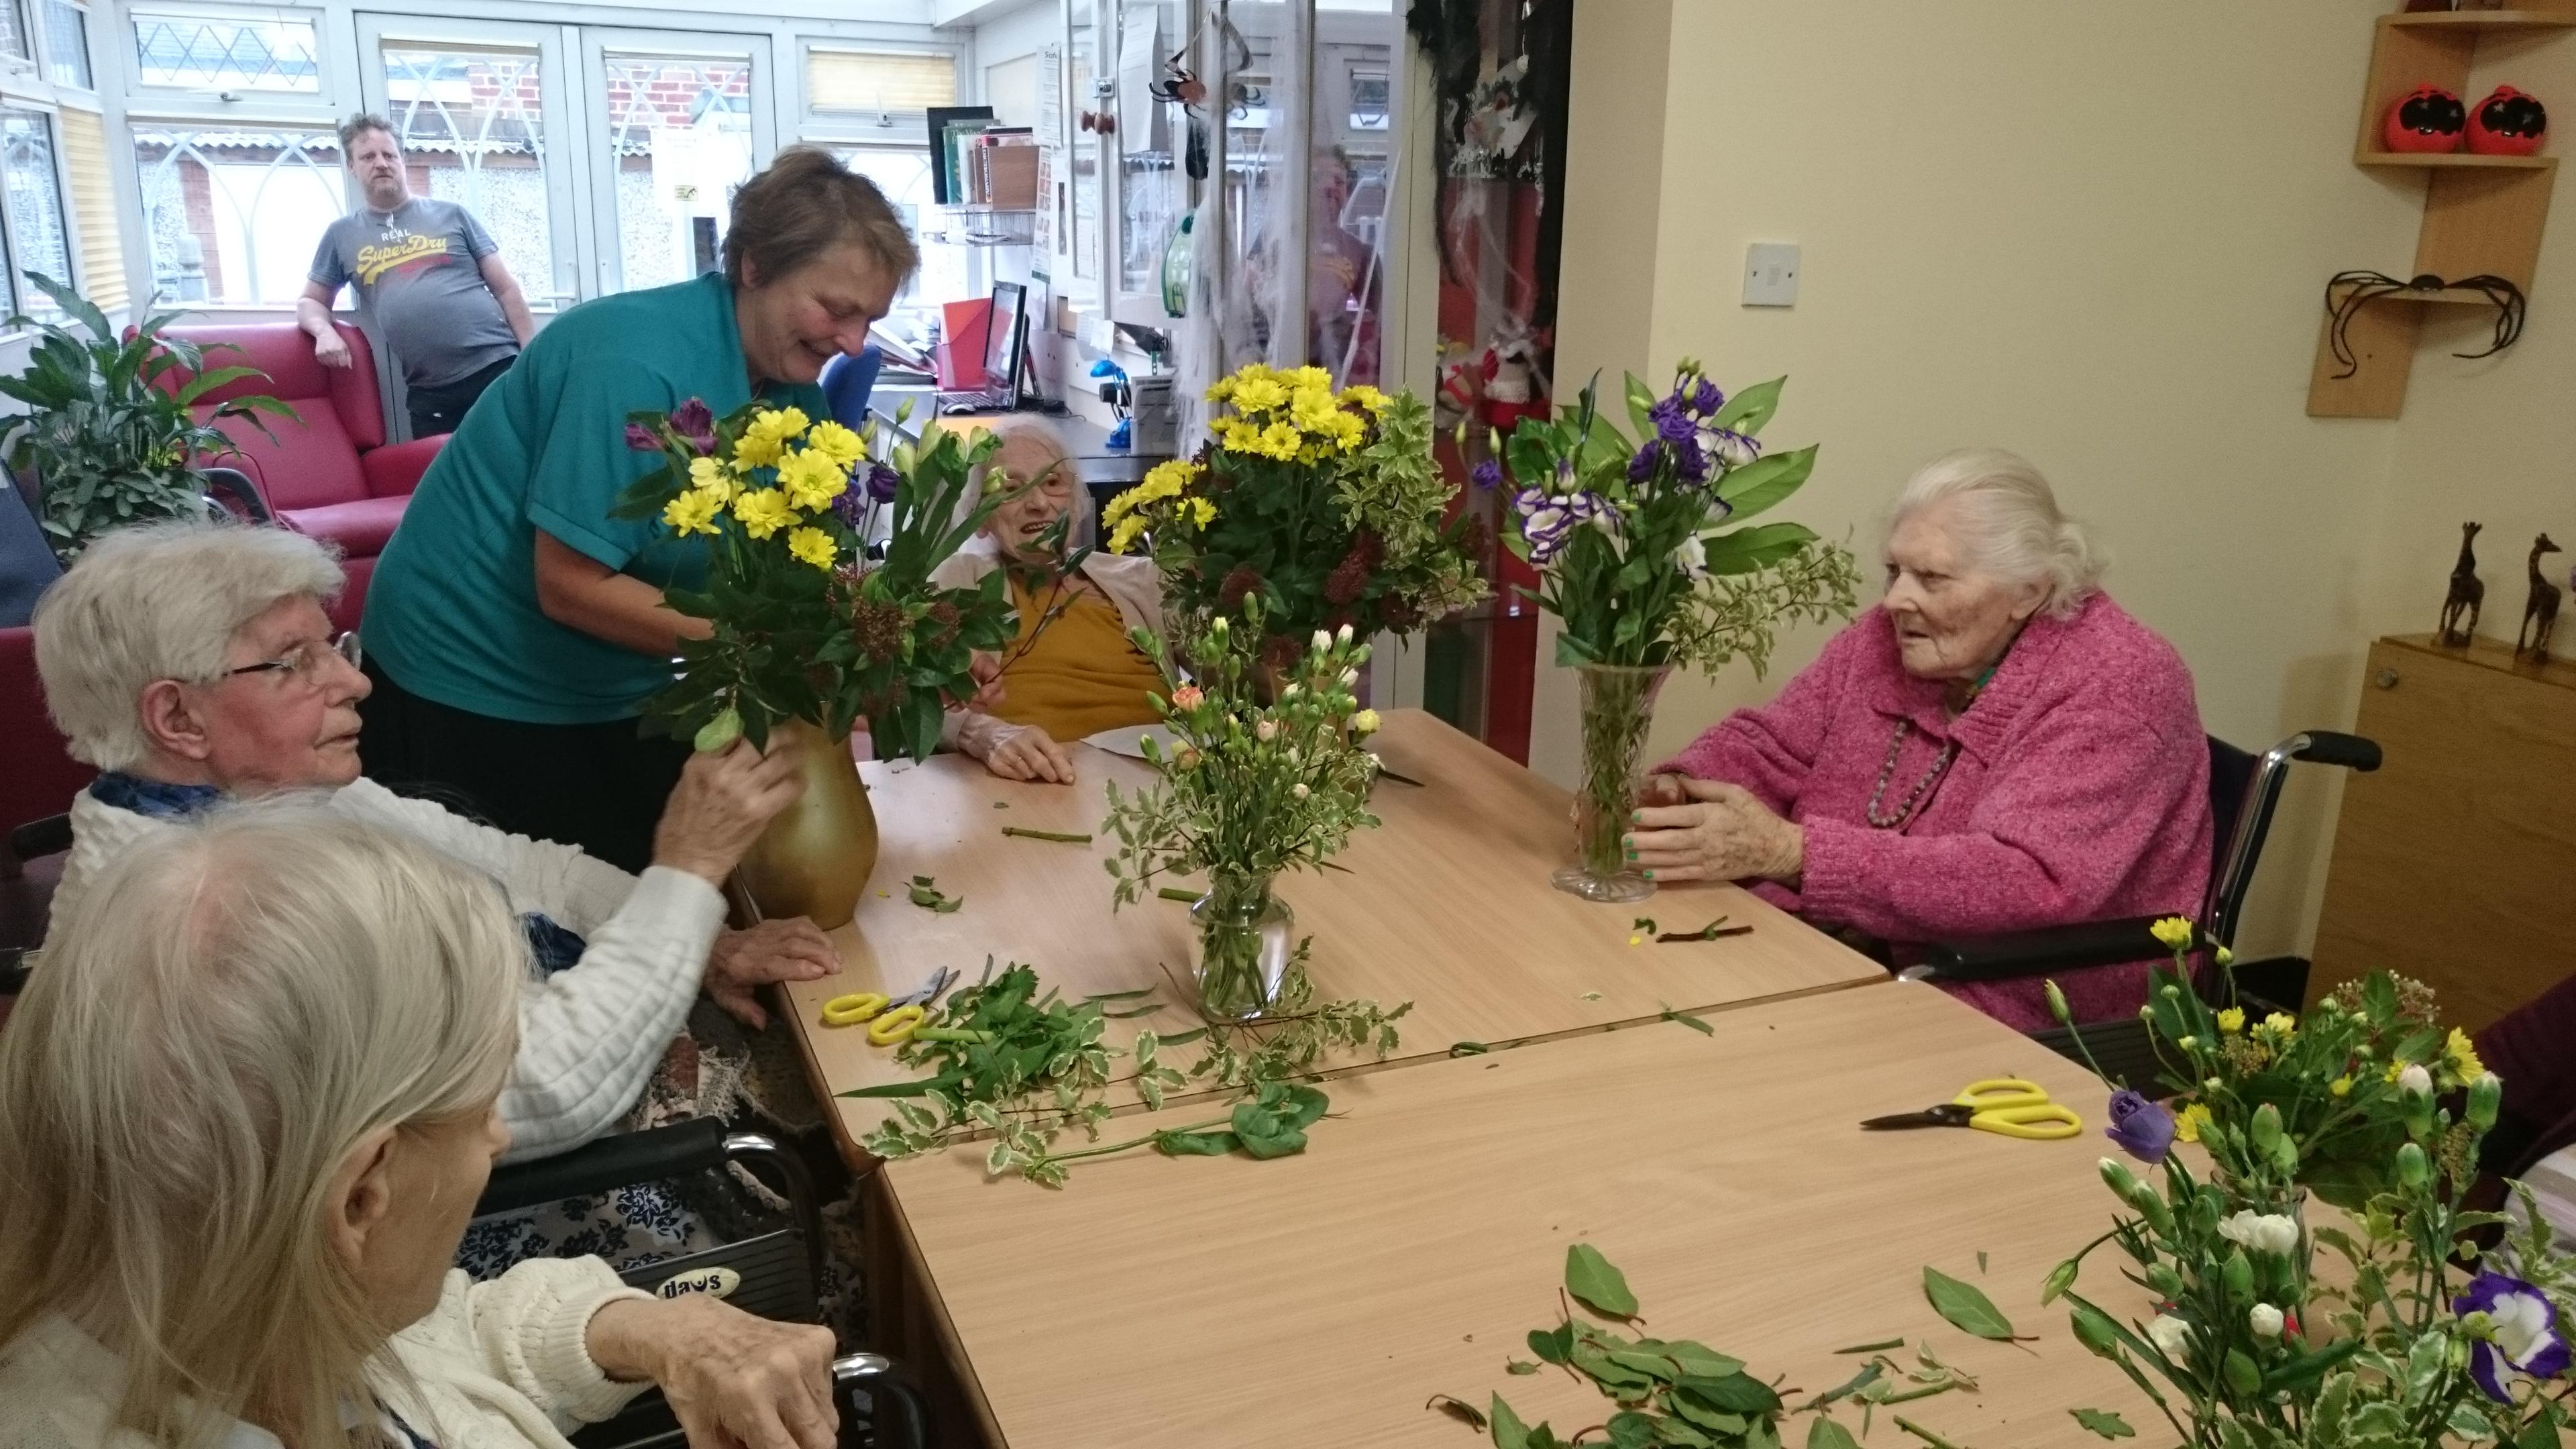 Gail's Flower Arrangement Activity